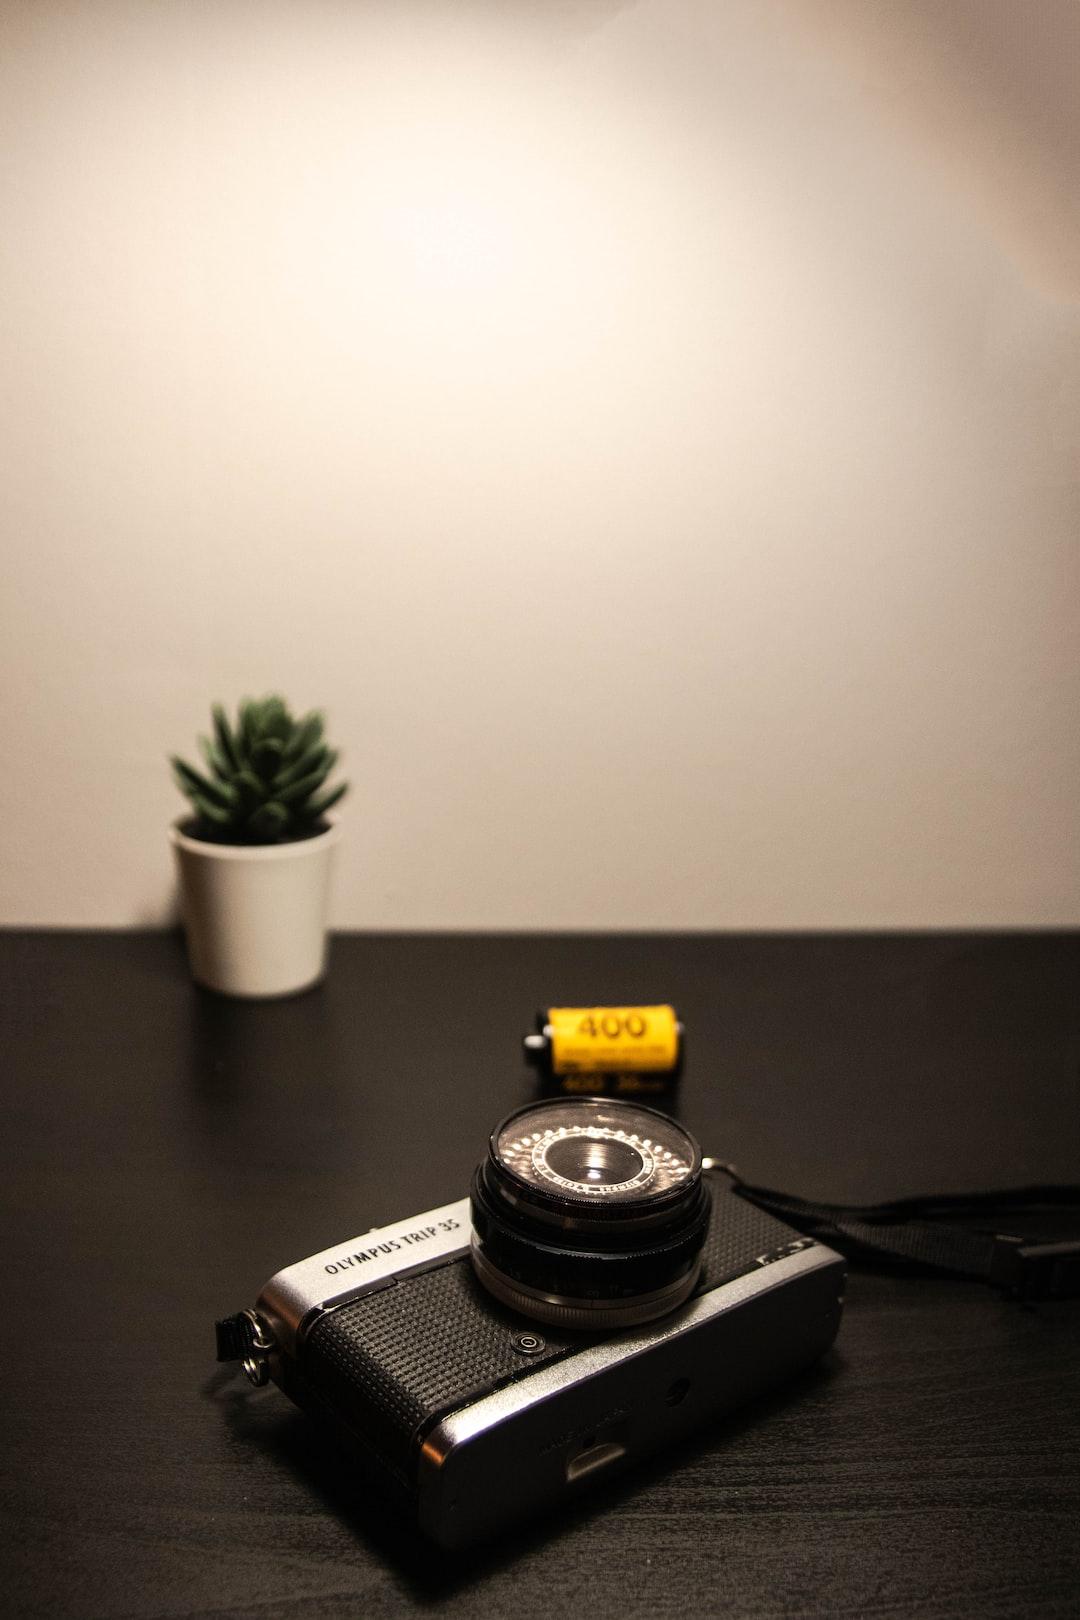 My lovely vintage camera Olympus trip 35